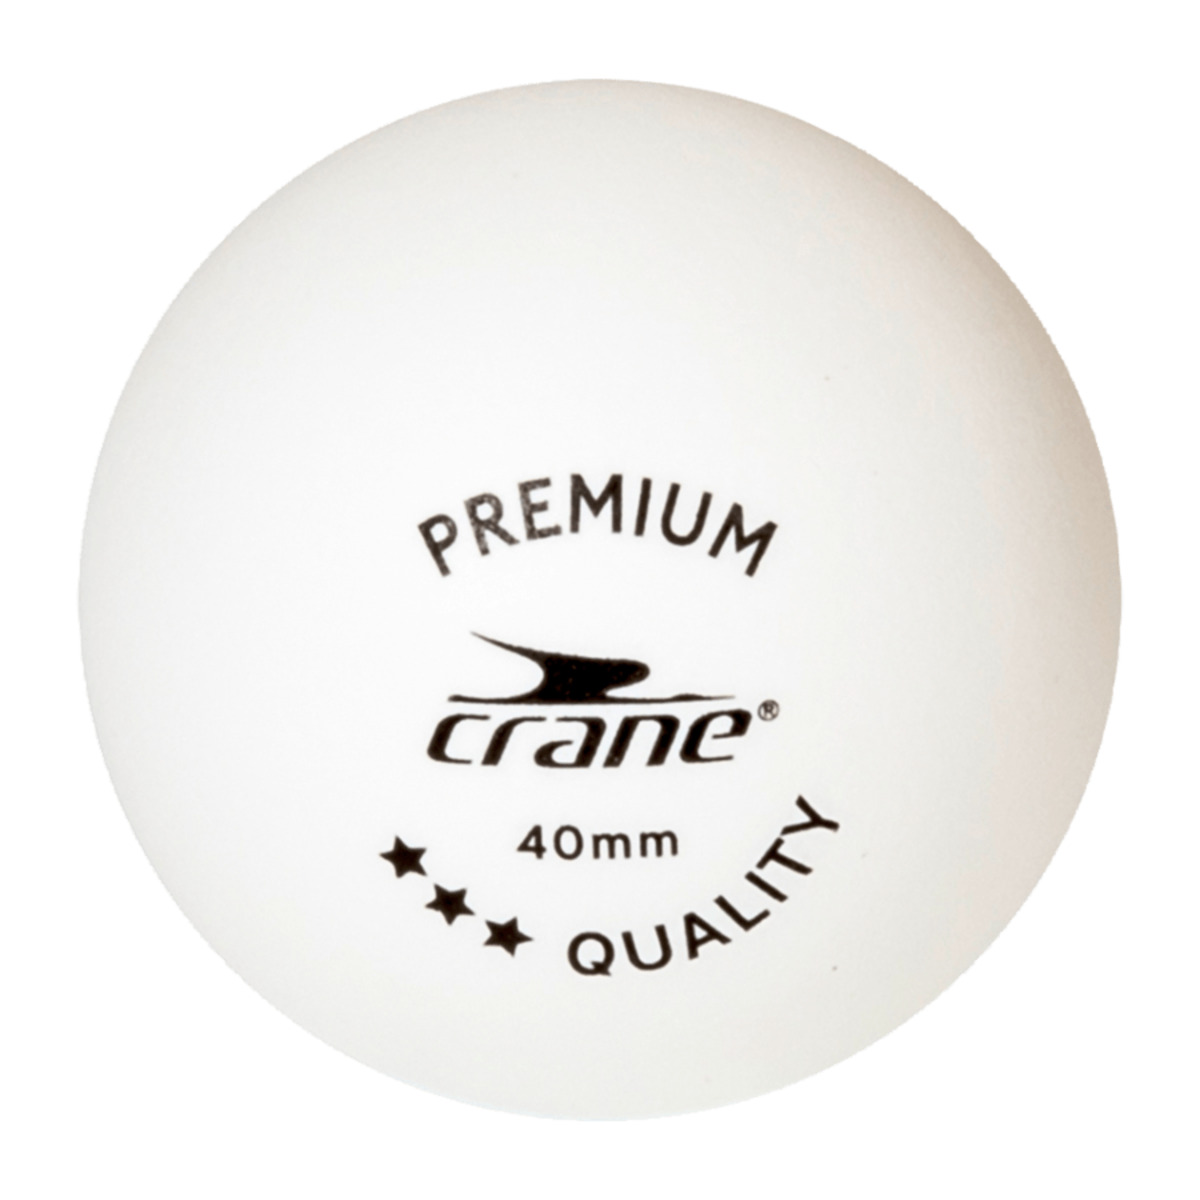 Bild 3 von CRANE     Tischtennis-Ersatzbälle